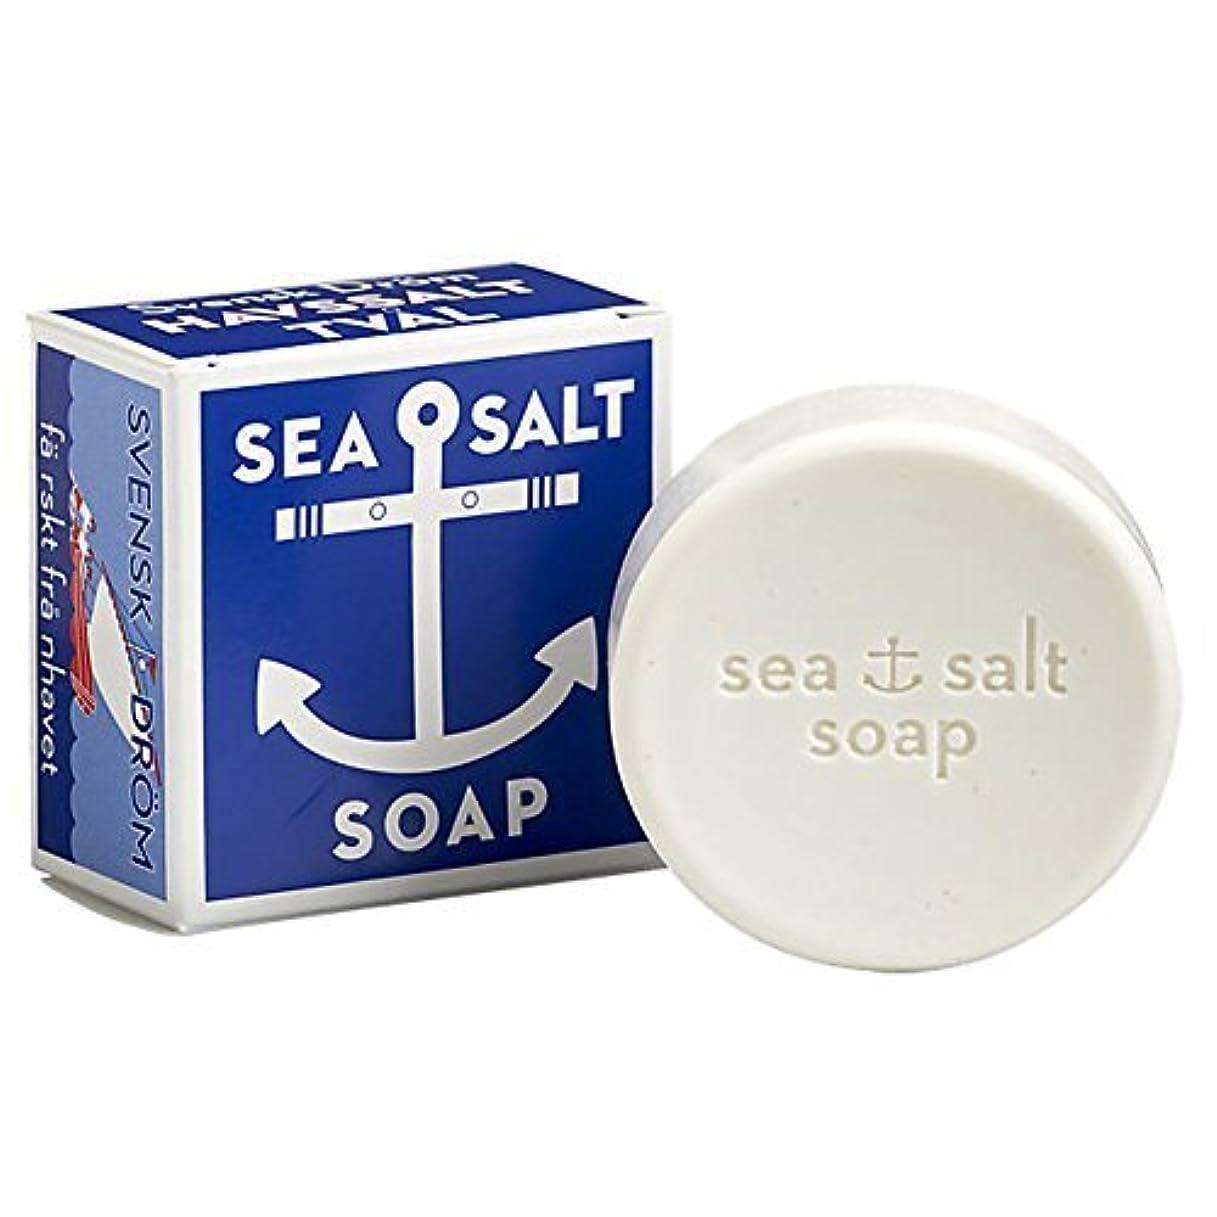 ロッカー苦い鉱夫Swedish Dream Sea Salt Invigorating Bath Soap - One 4.3 oz Bar by Swedish Dream [並行輸入品]